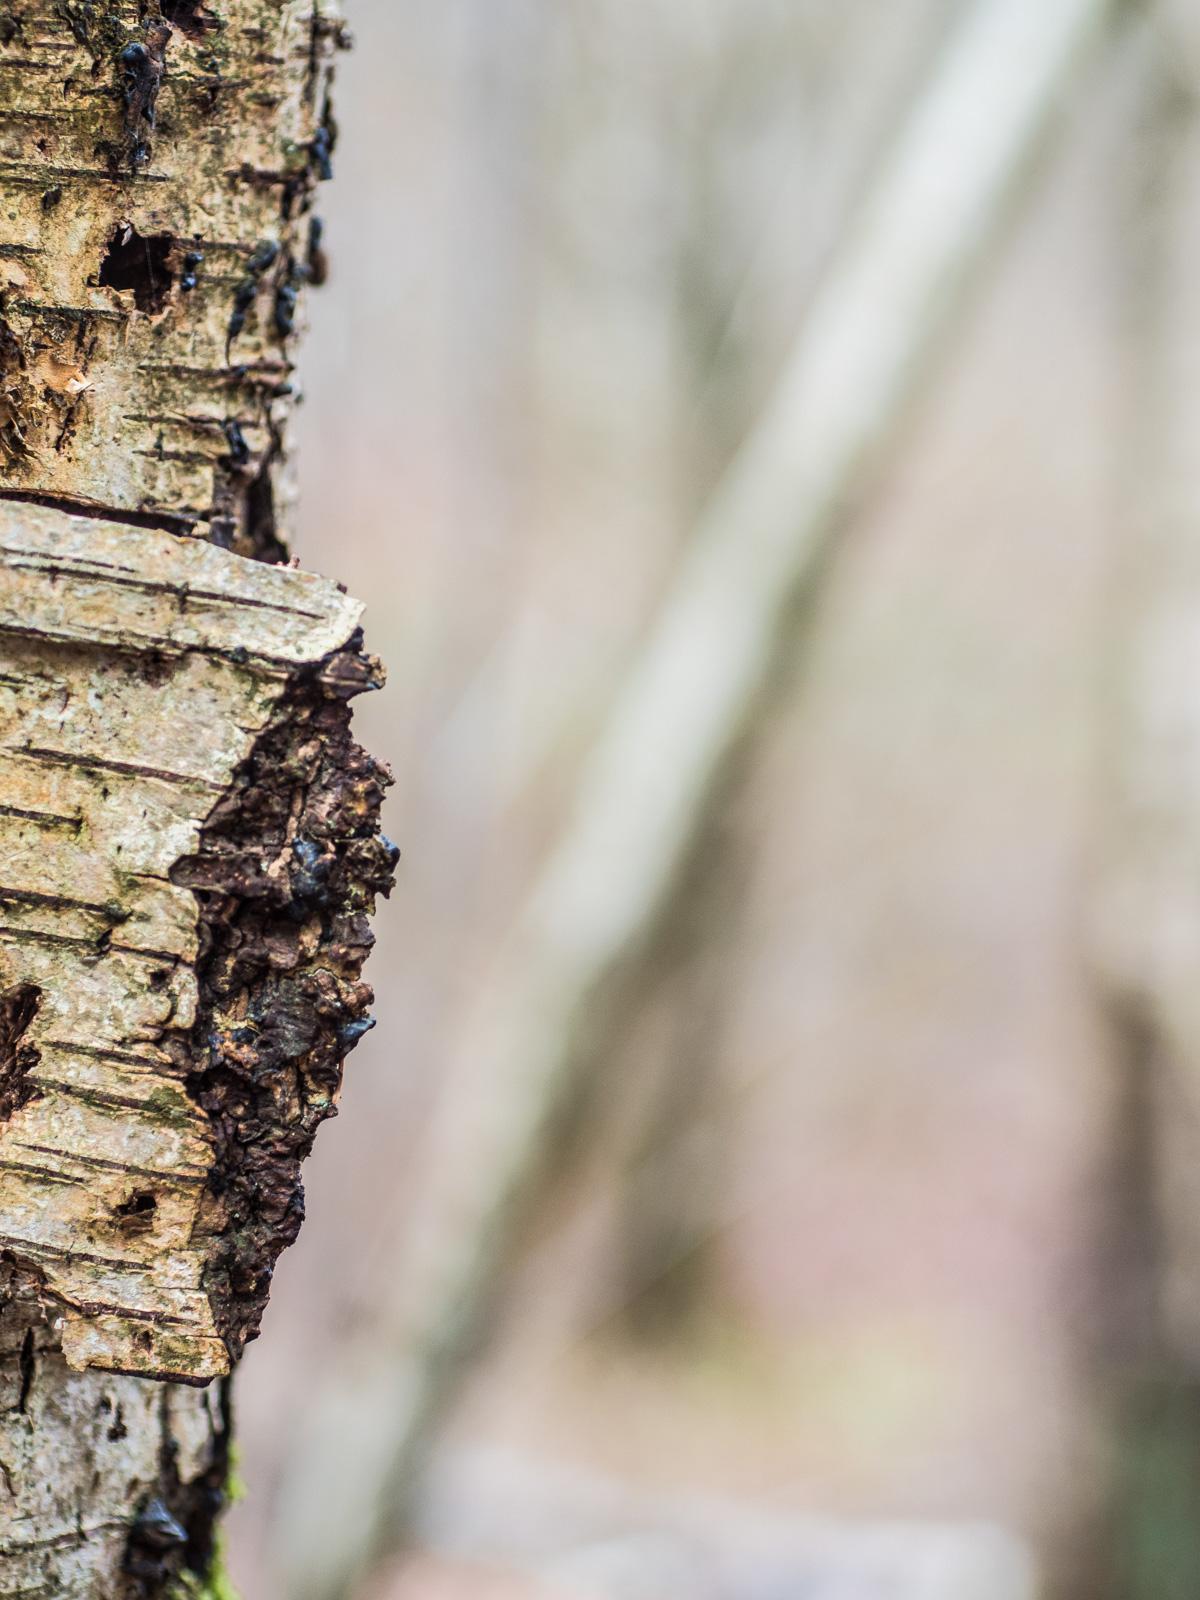 Birkenstamm mit anderen Bäumen im unscharfen Hintergrund